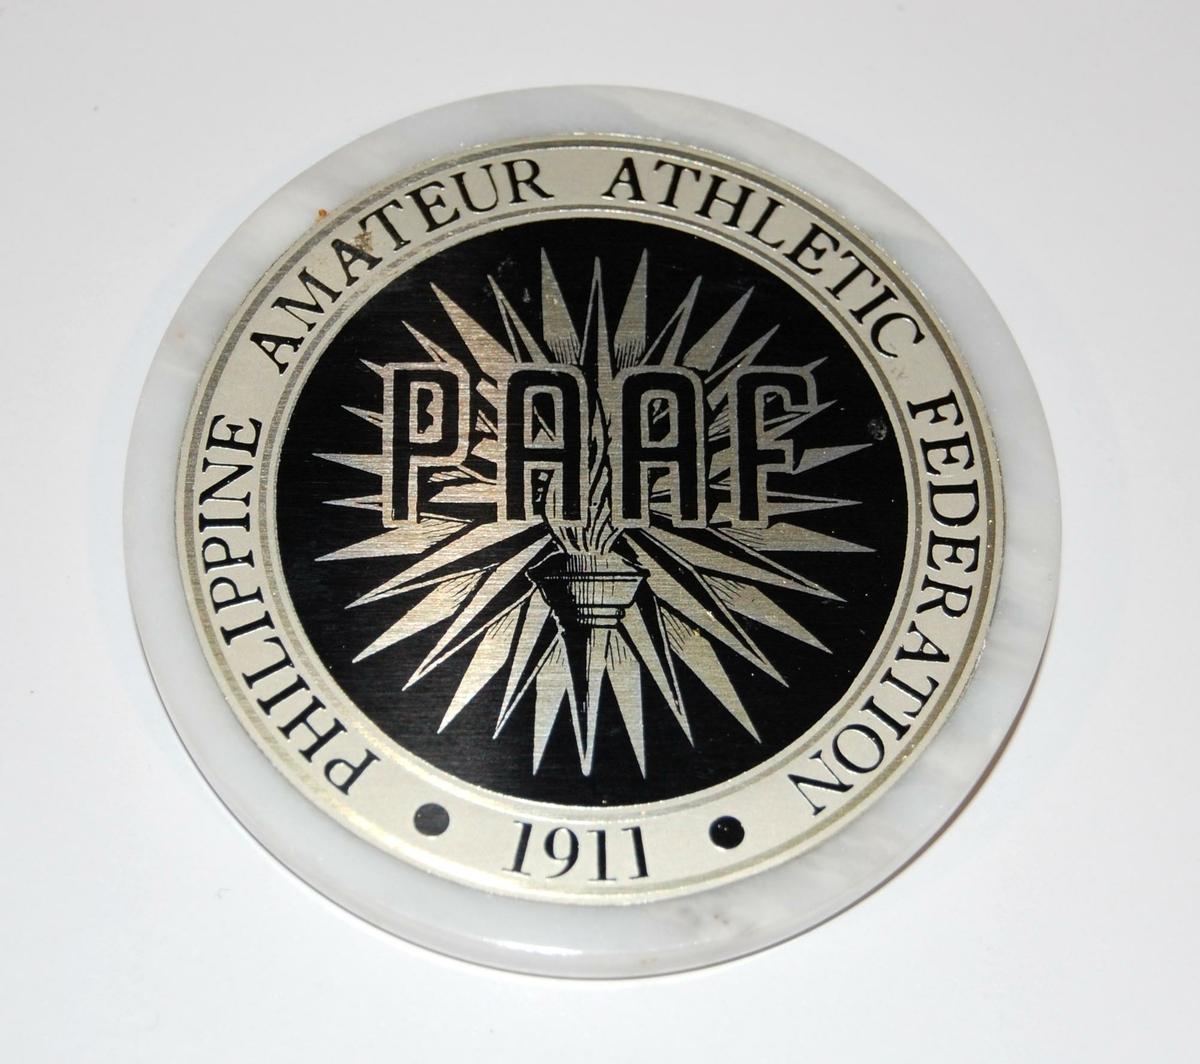 Hvit-, sort- og sølvfarget medalje av en type stenyøy- På medaljen er det logo for PAAF (Philippine Athletic Federation). I logoen inngår det en fakkel.